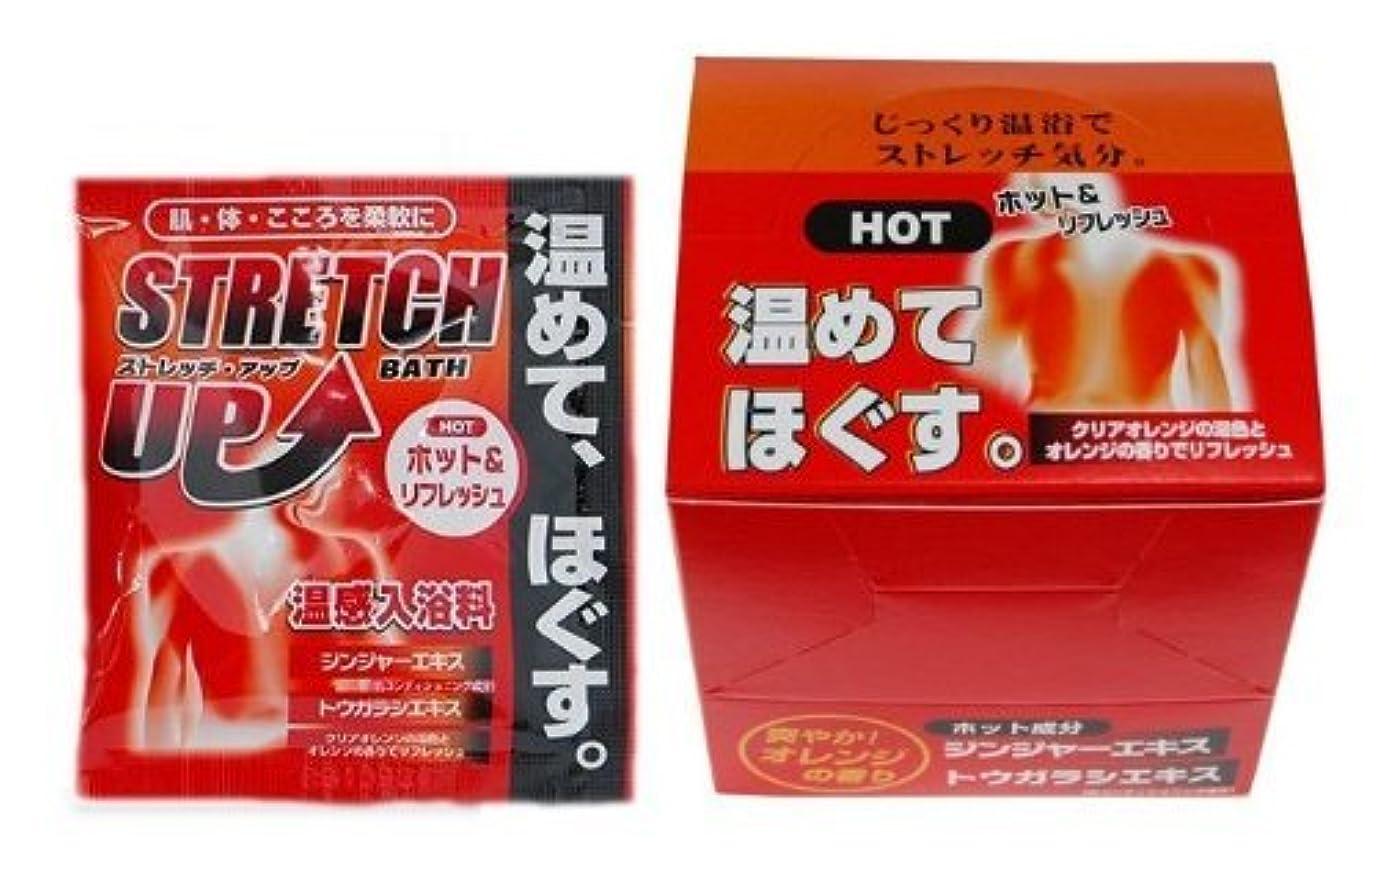 スキャンダルレトルトカッター五洲薬品 ストレッチアップ 25g×10包入